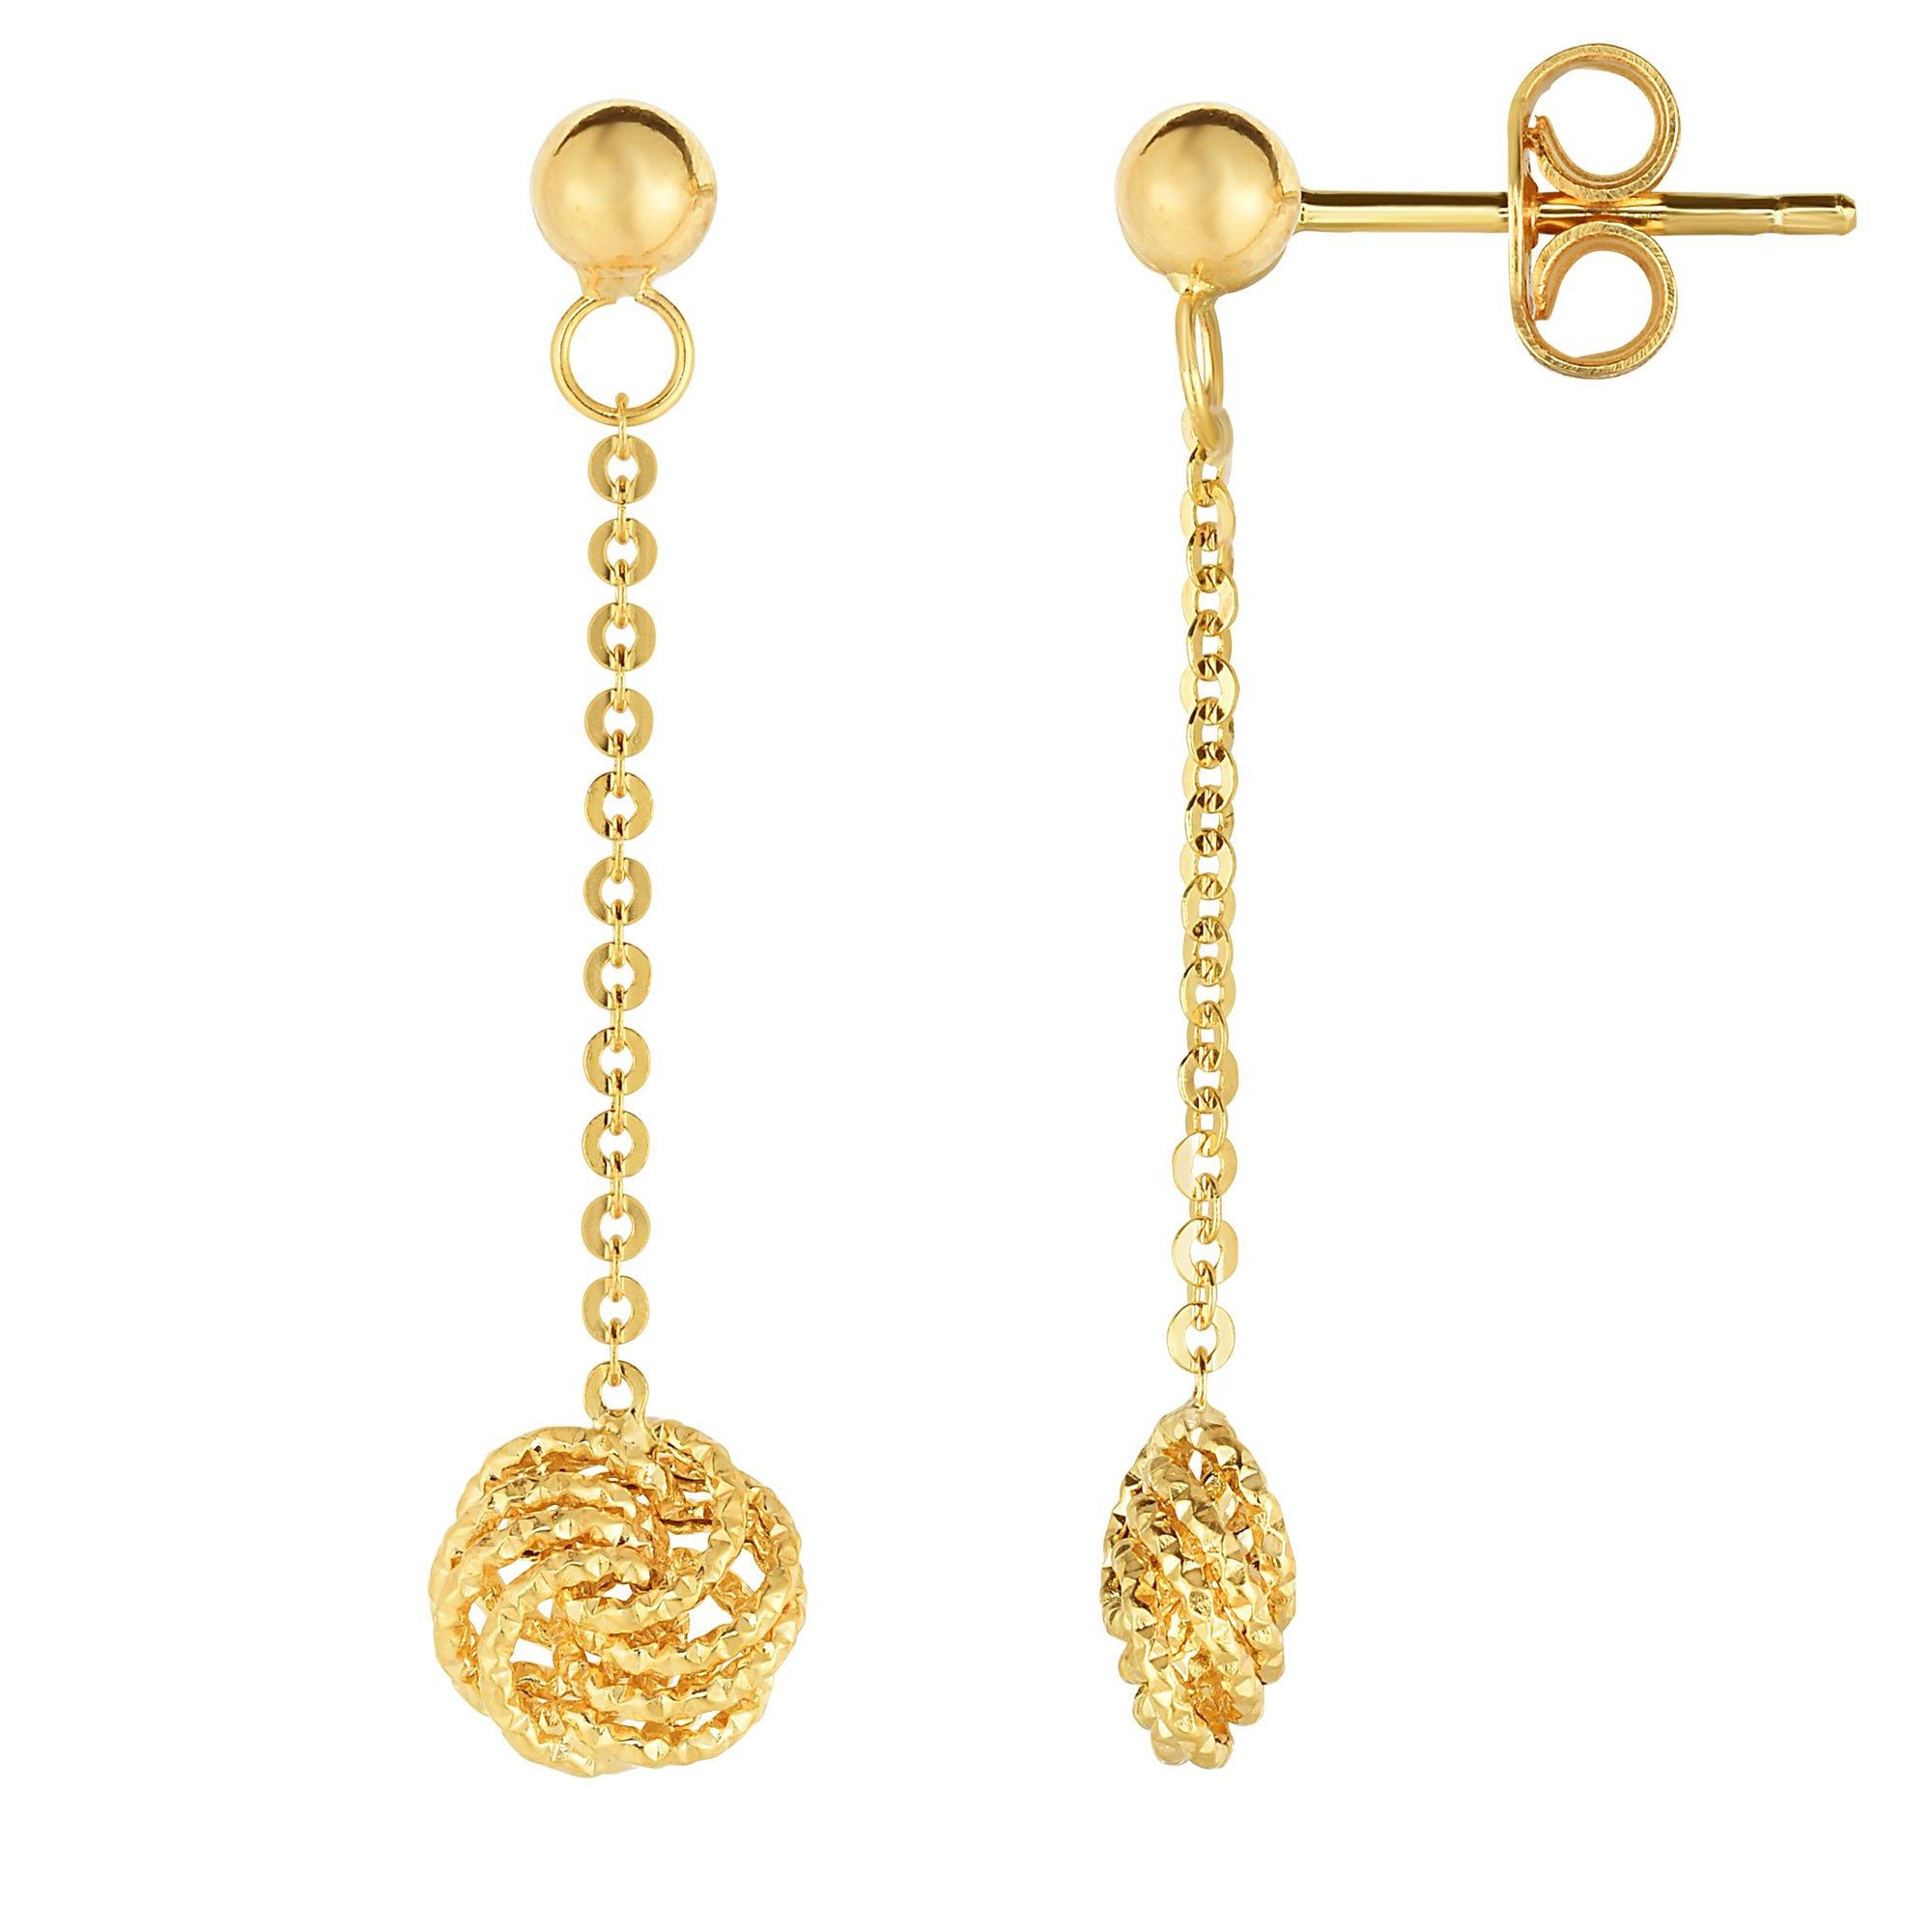 14K Yellow Gold Love Knot Drop Earrings